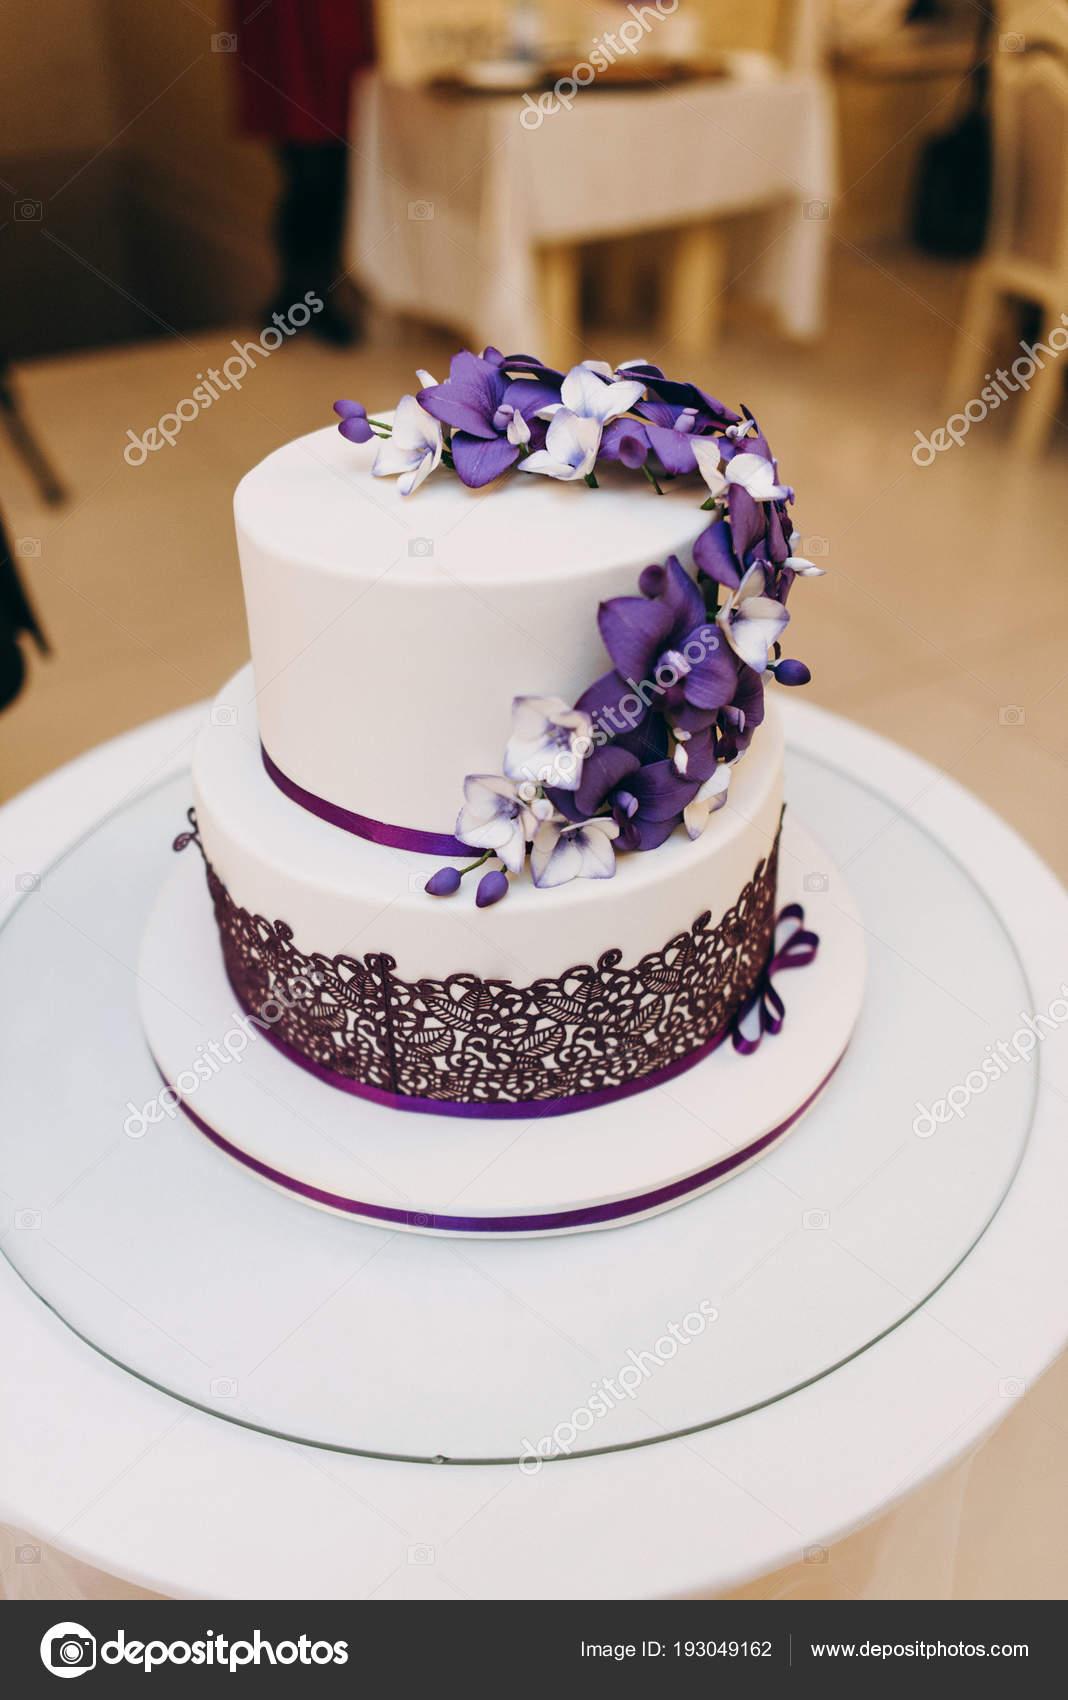 Anspruchsvoll Hochzeitstorte Lila Beste Wahl Weiß Und Farben Mit Blumen Auf Weißem